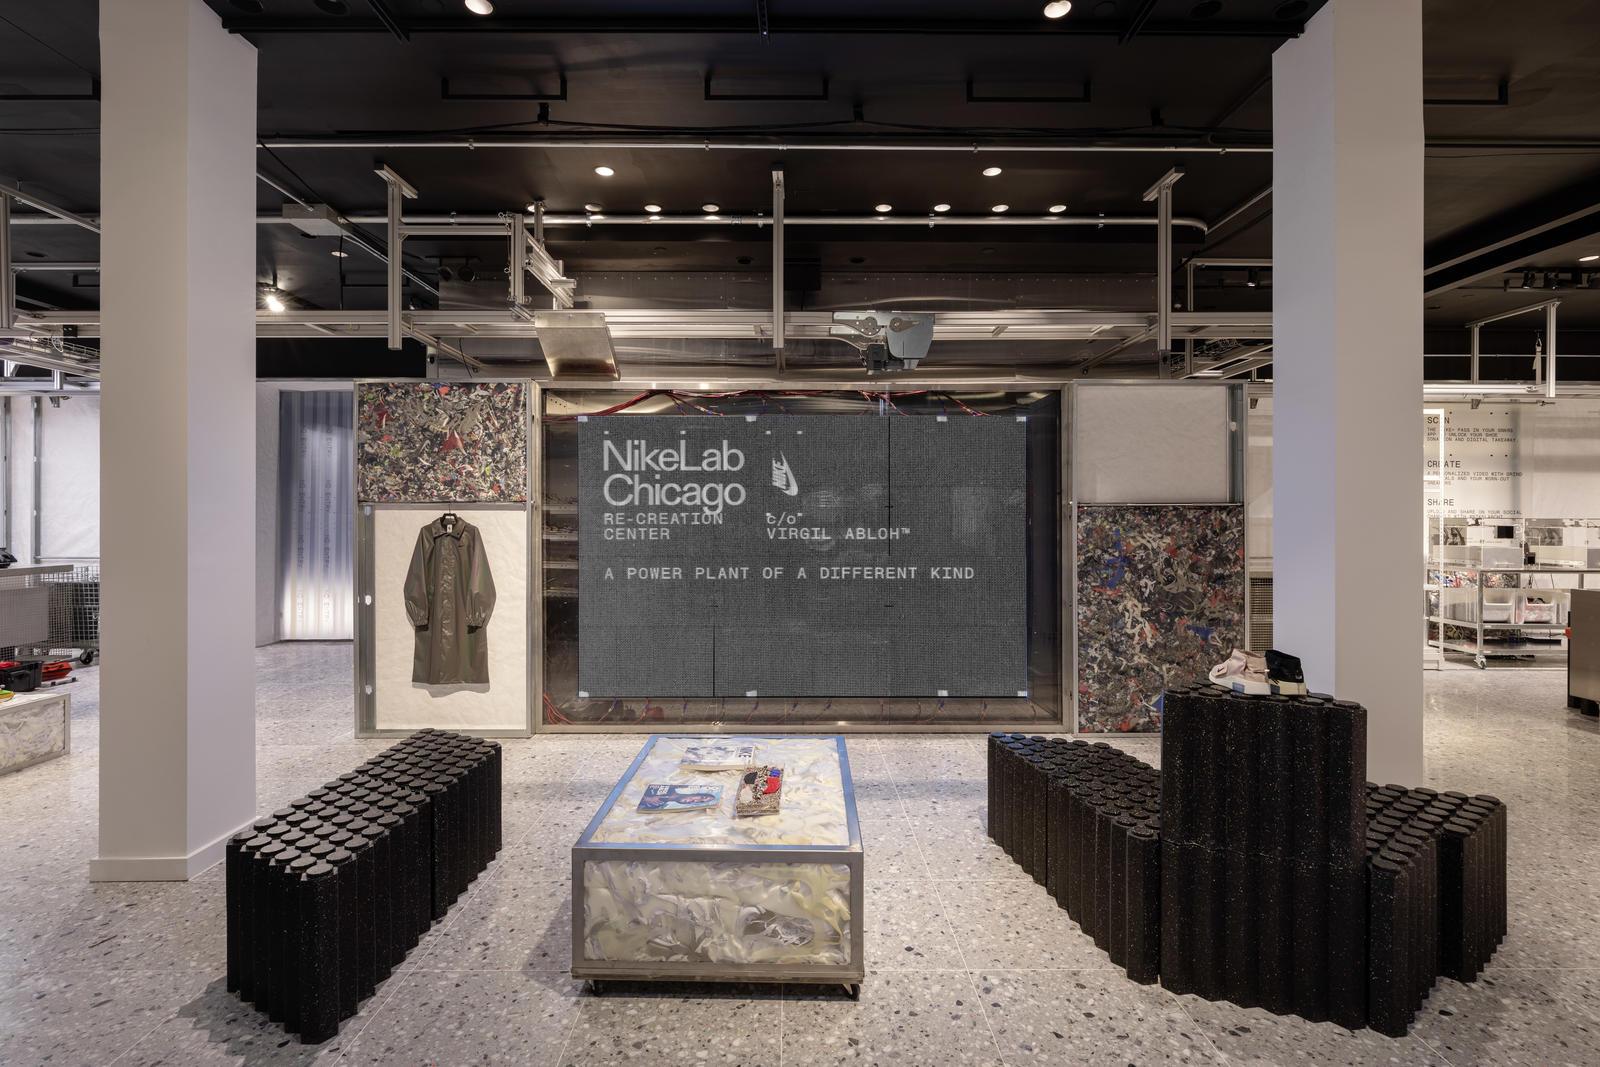 当红潮牌Off-White创始人与 Nike 联手打造 NikeLab 芝加哥再创造中心